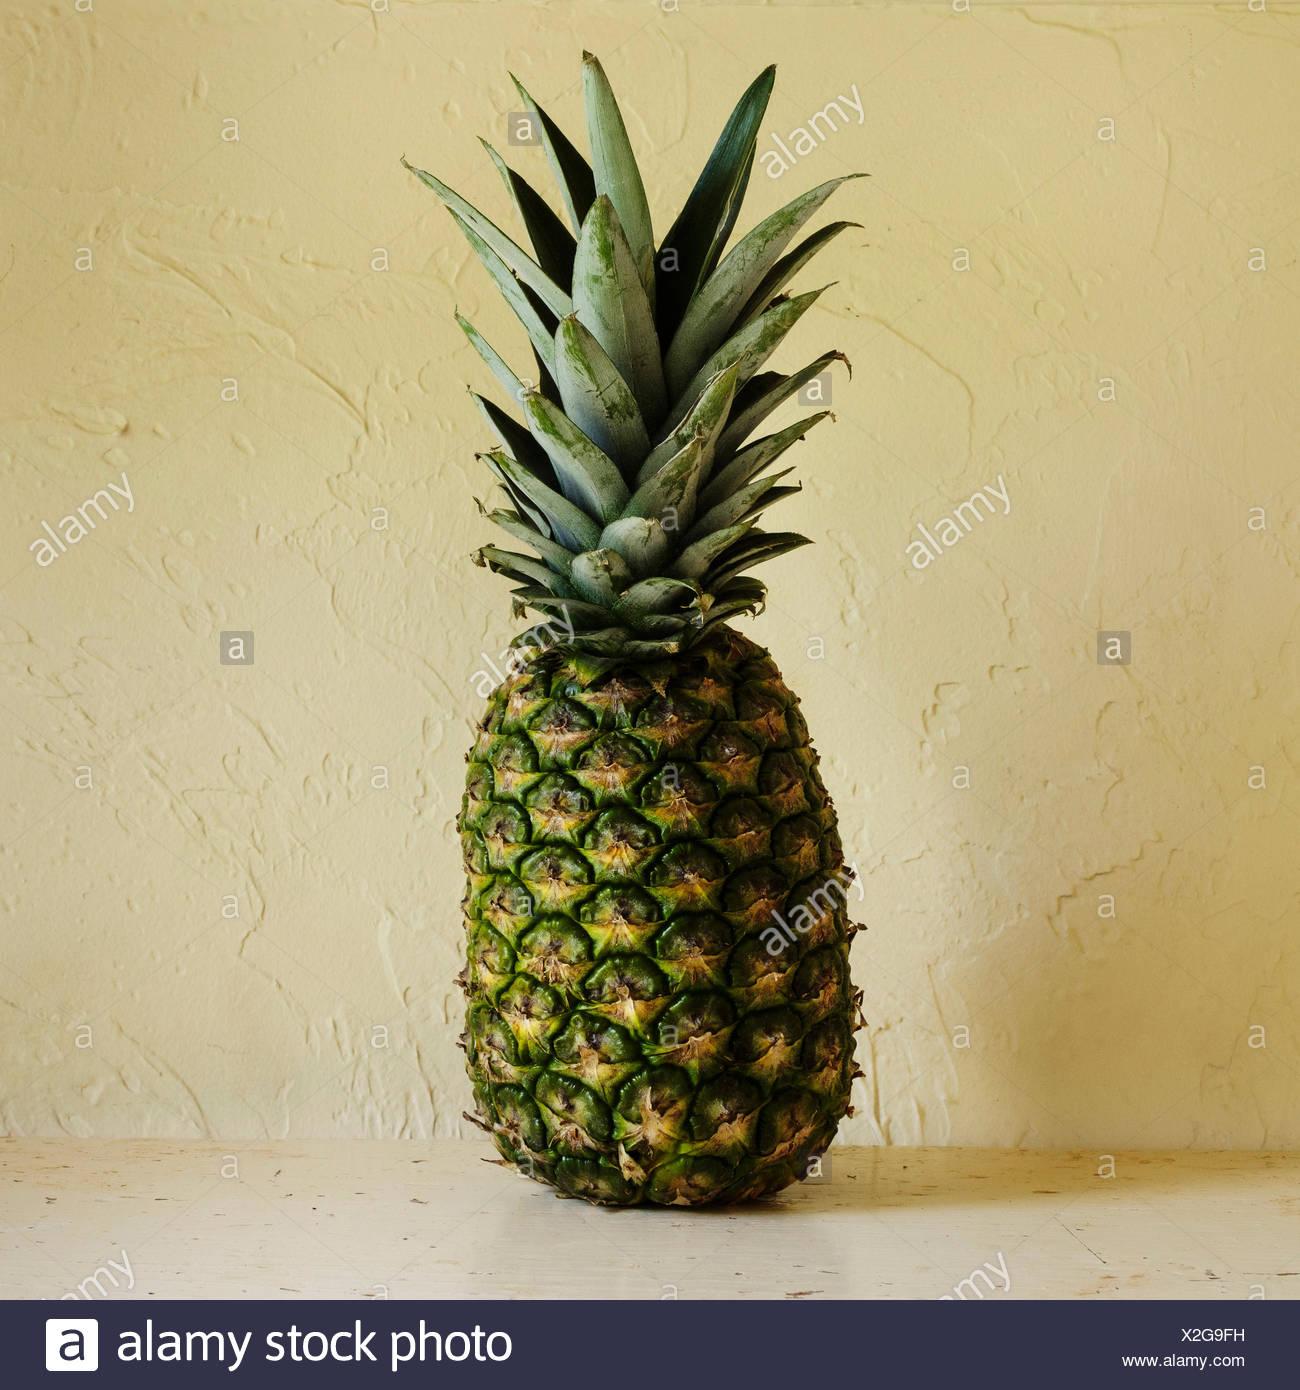 L'ananas frais contre mur texturé Photo Stock